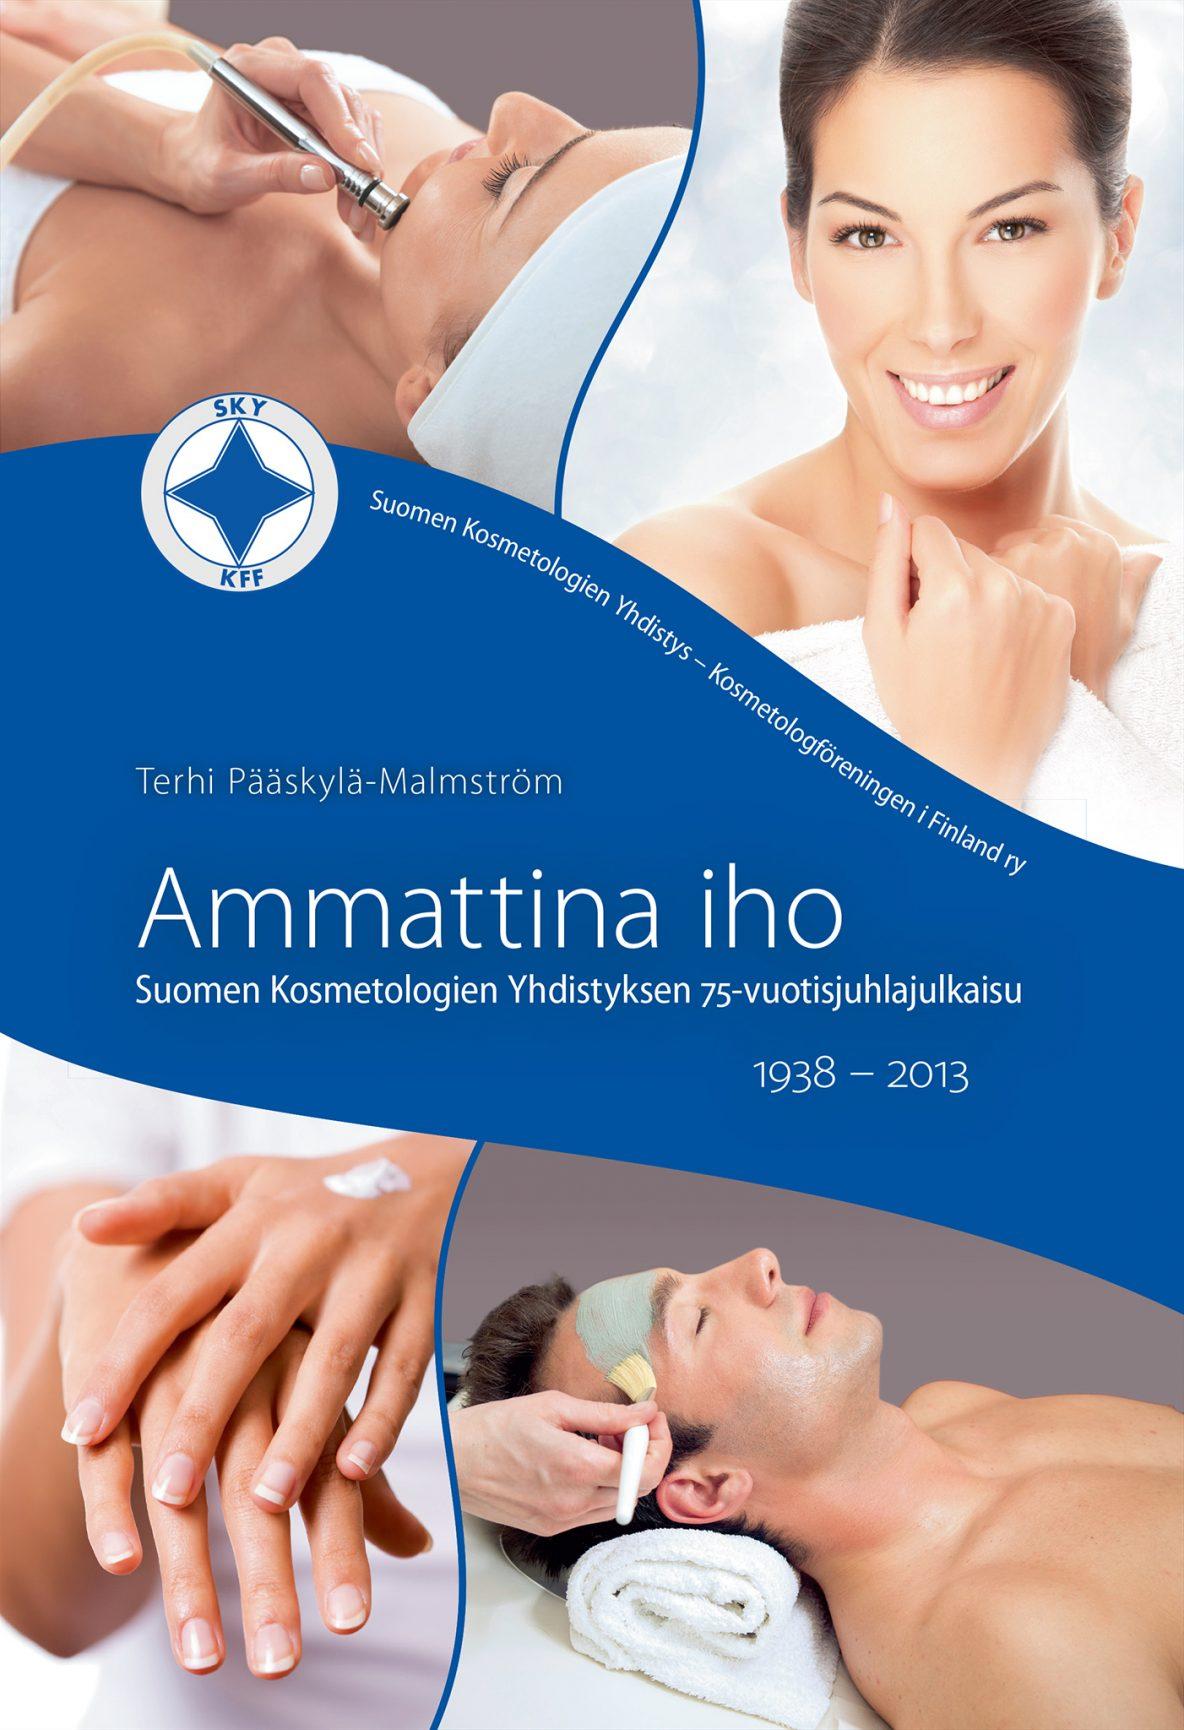 Terhi Pääskylä-Malmström: Ammatina iho – Suomen Kosmetologien Yhdistyksen 75-vuotisjuhlajulkaisu